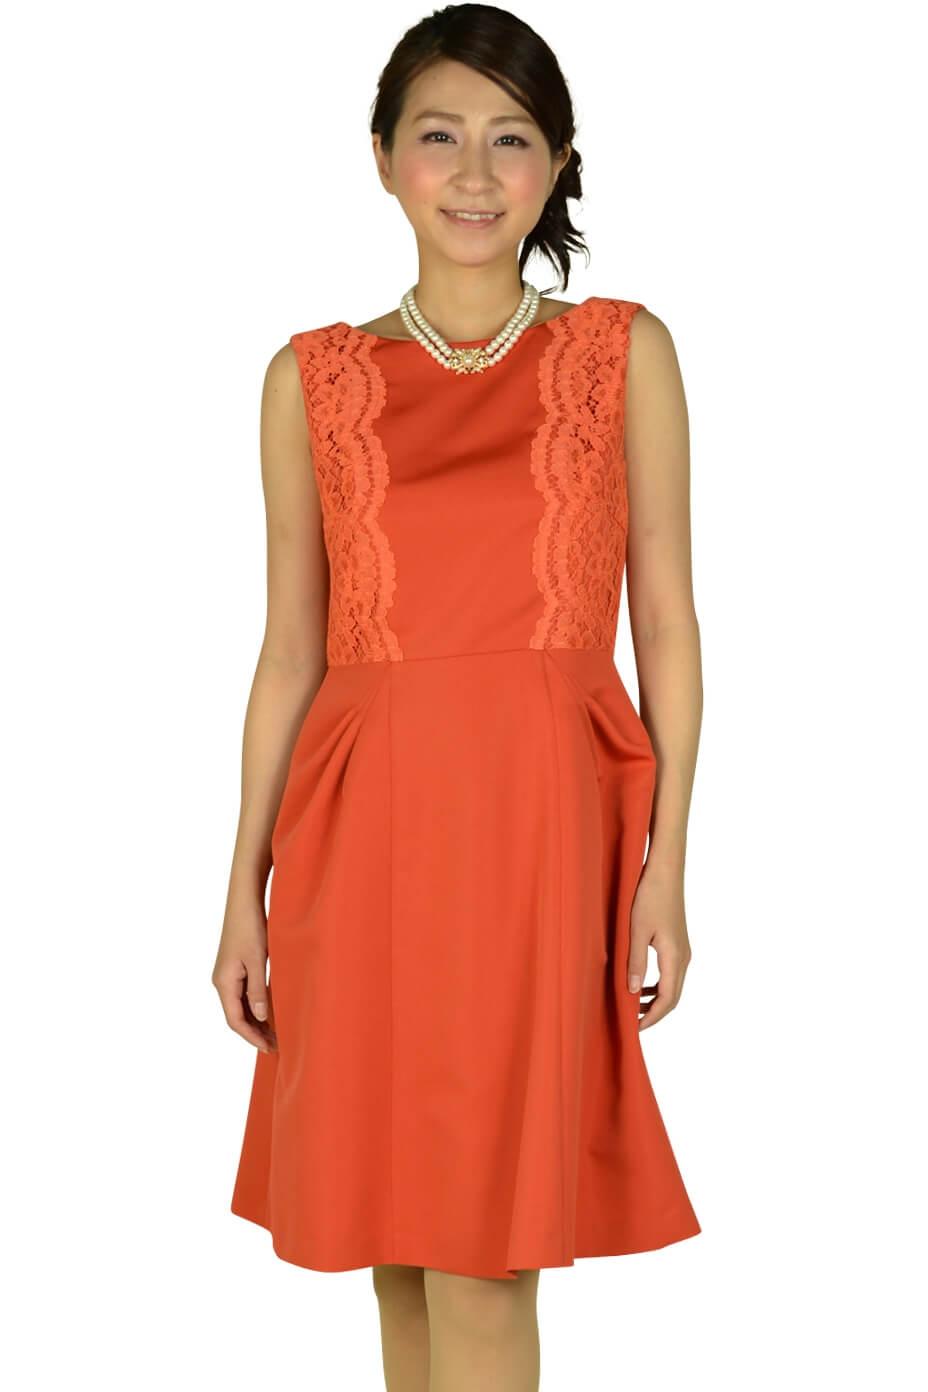 リプリート(REPLETE)フィットアンドフレアレースオレンジドレス